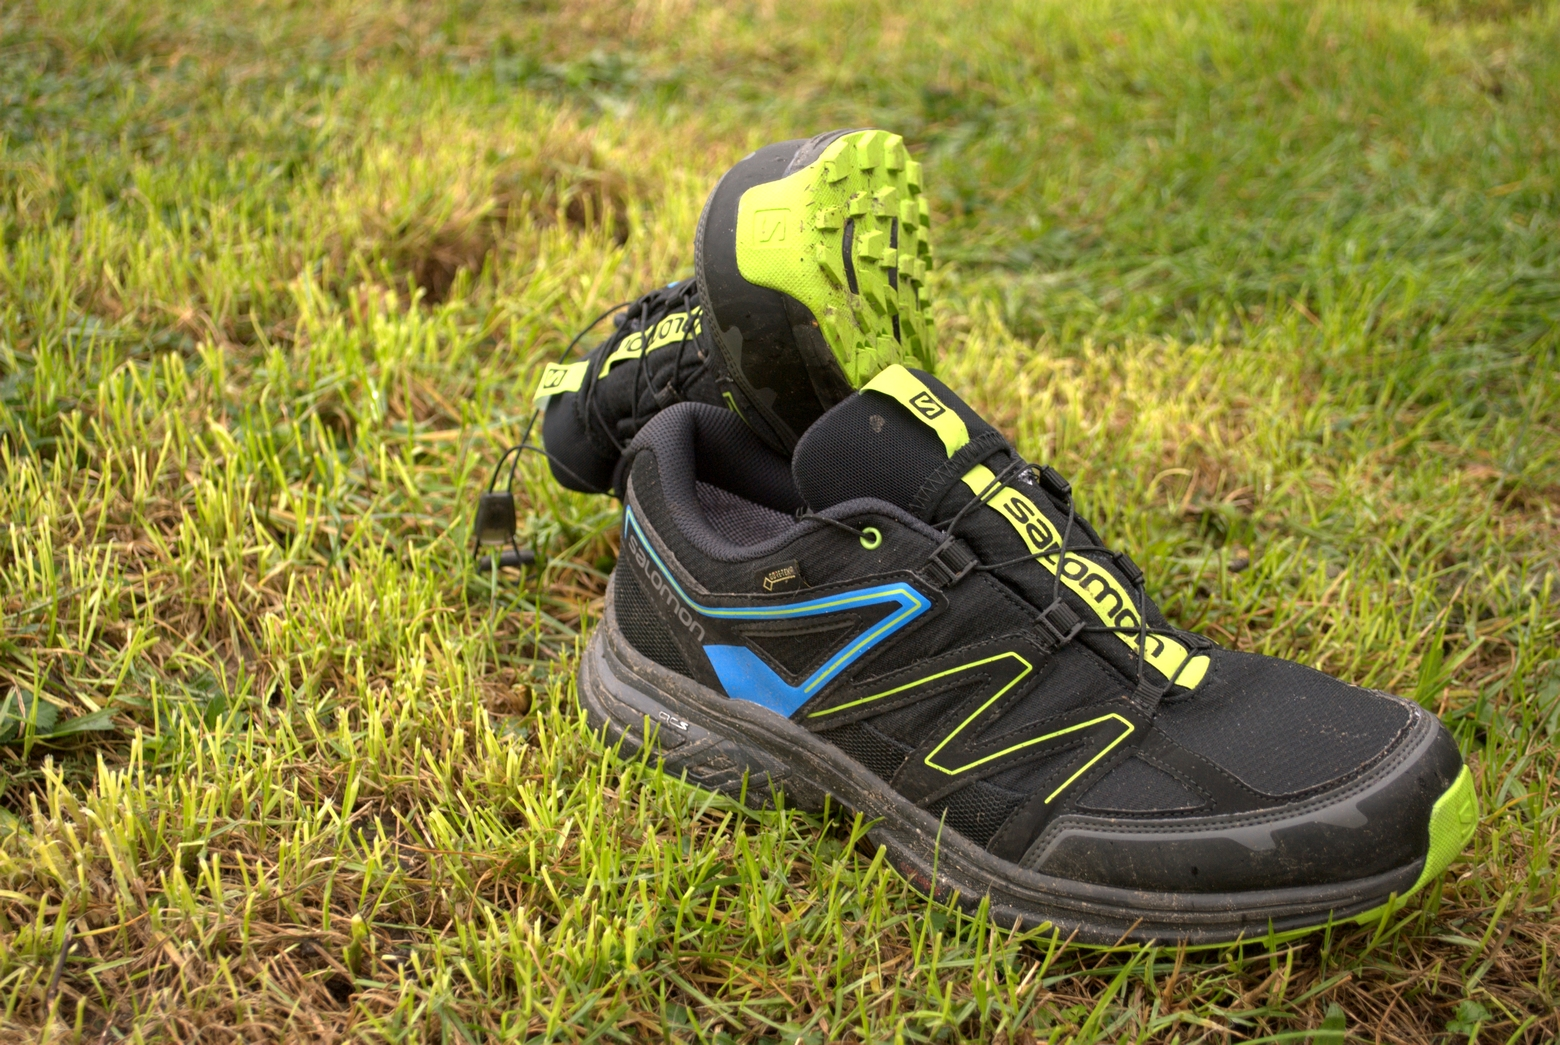 Terenowe testy butów Salomon Part II